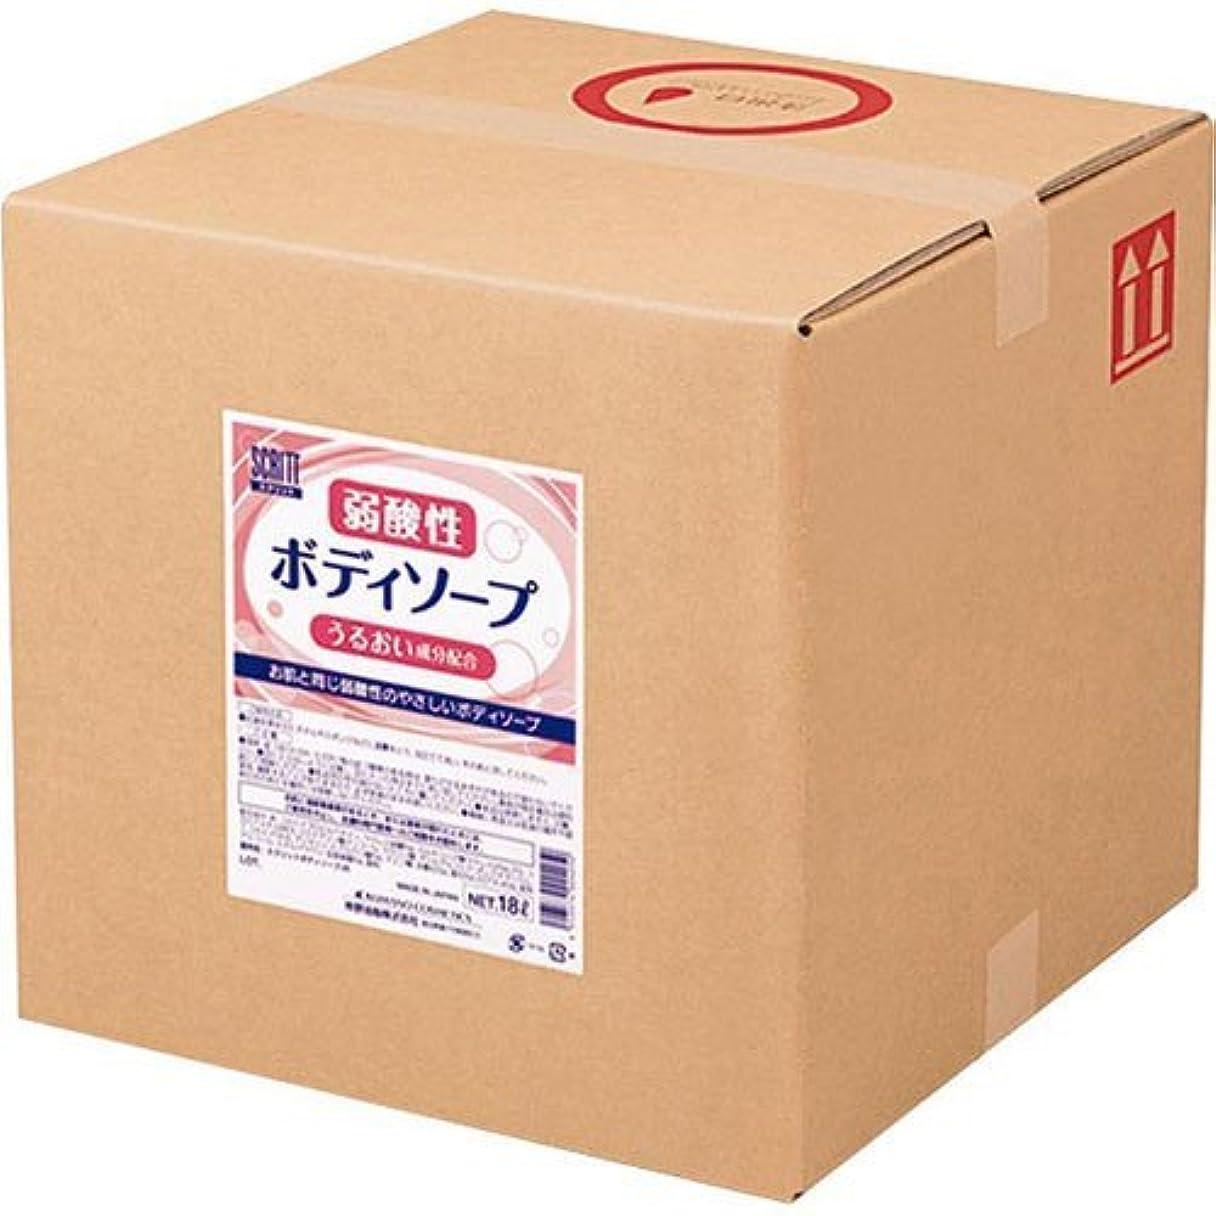 ピクニックひも仕方熊野油脂 業務用 SCRITT(スクリット) 弱酸性ボディソープ 18L